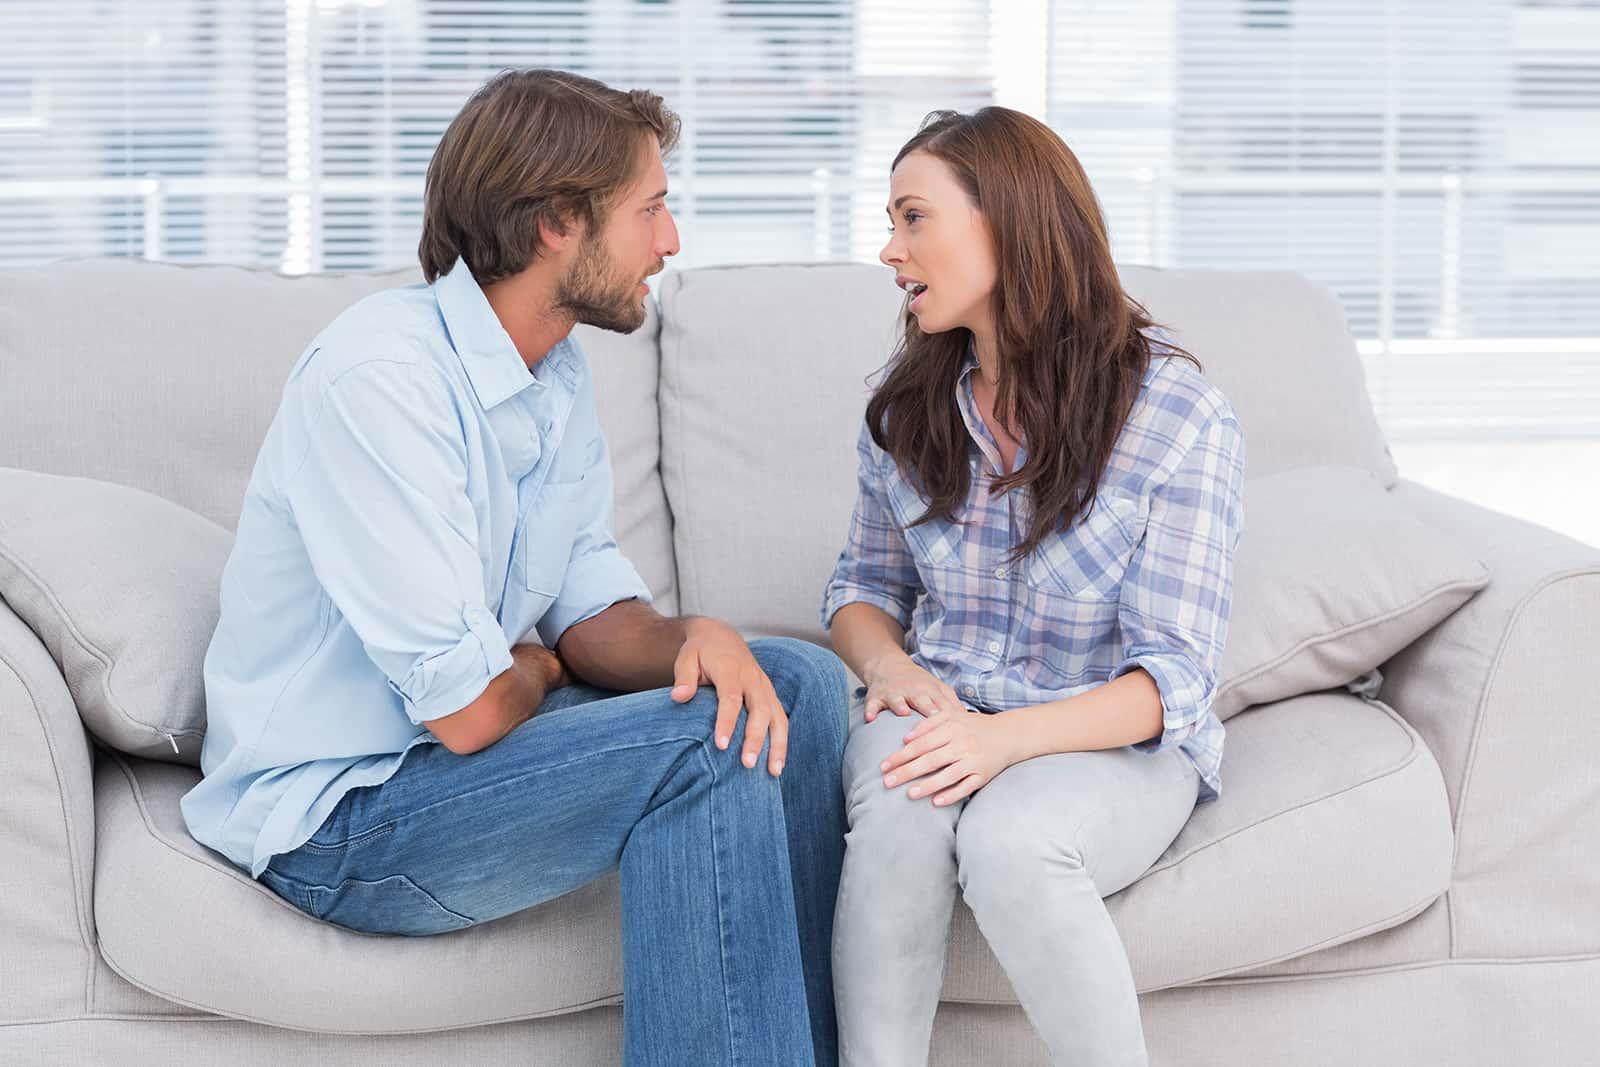 eine besorgte Frau, die mit einem Mann spricht, während sie zusammen auf der Couch sitzt